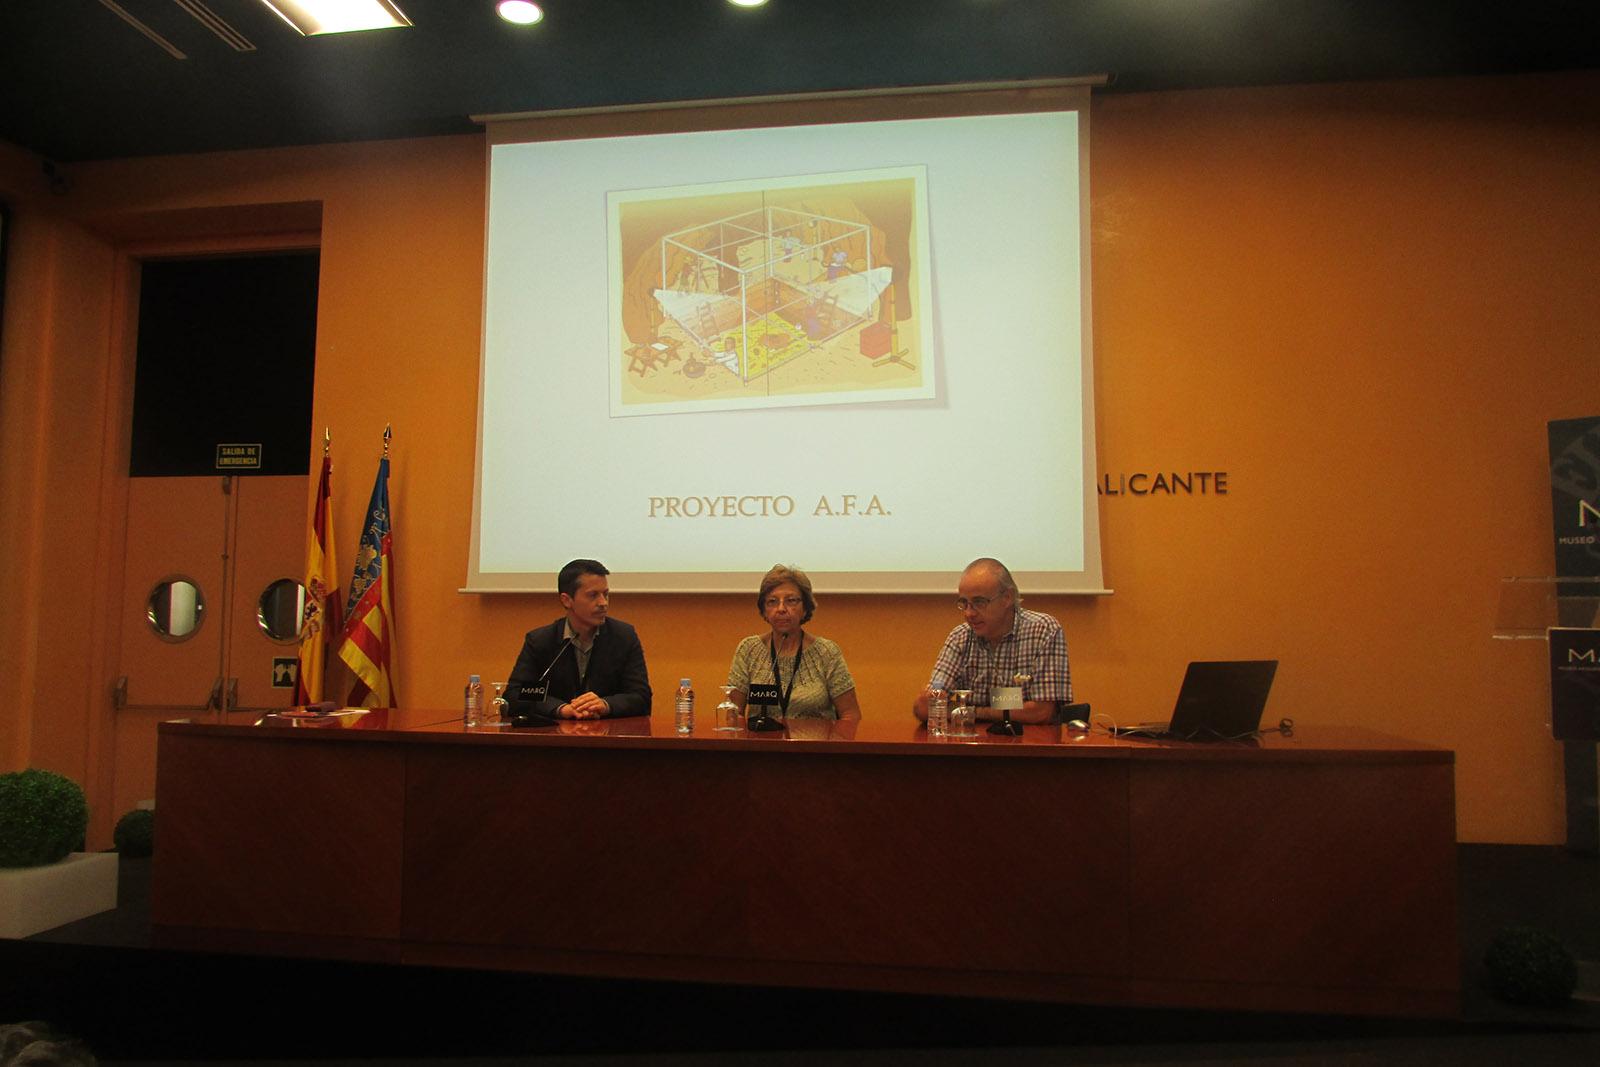 Proyecto A.F.A. presentación en el MARQ